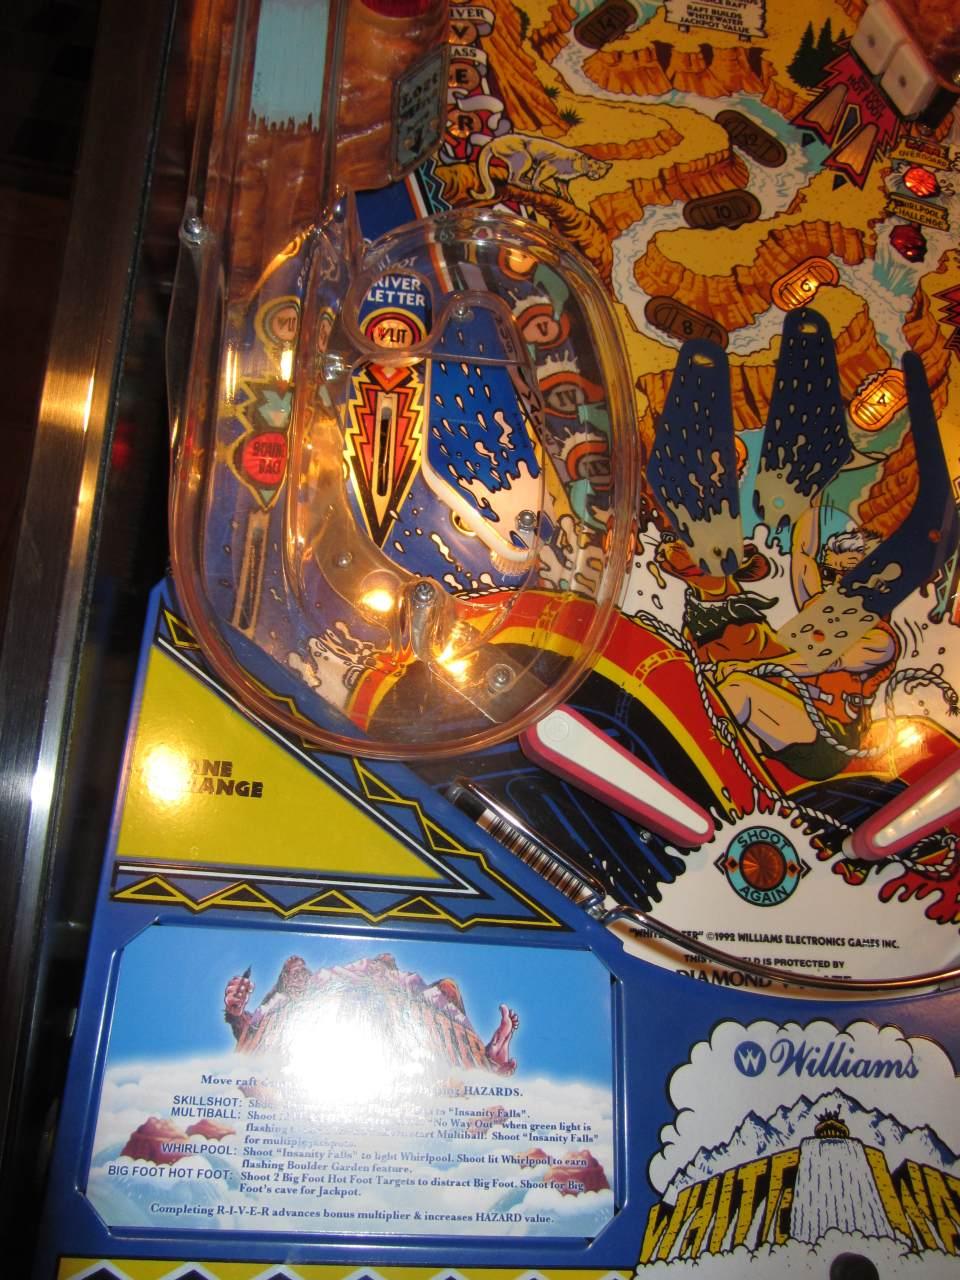 Williams White Water Pinball Machine 1 Pinballmania Llc